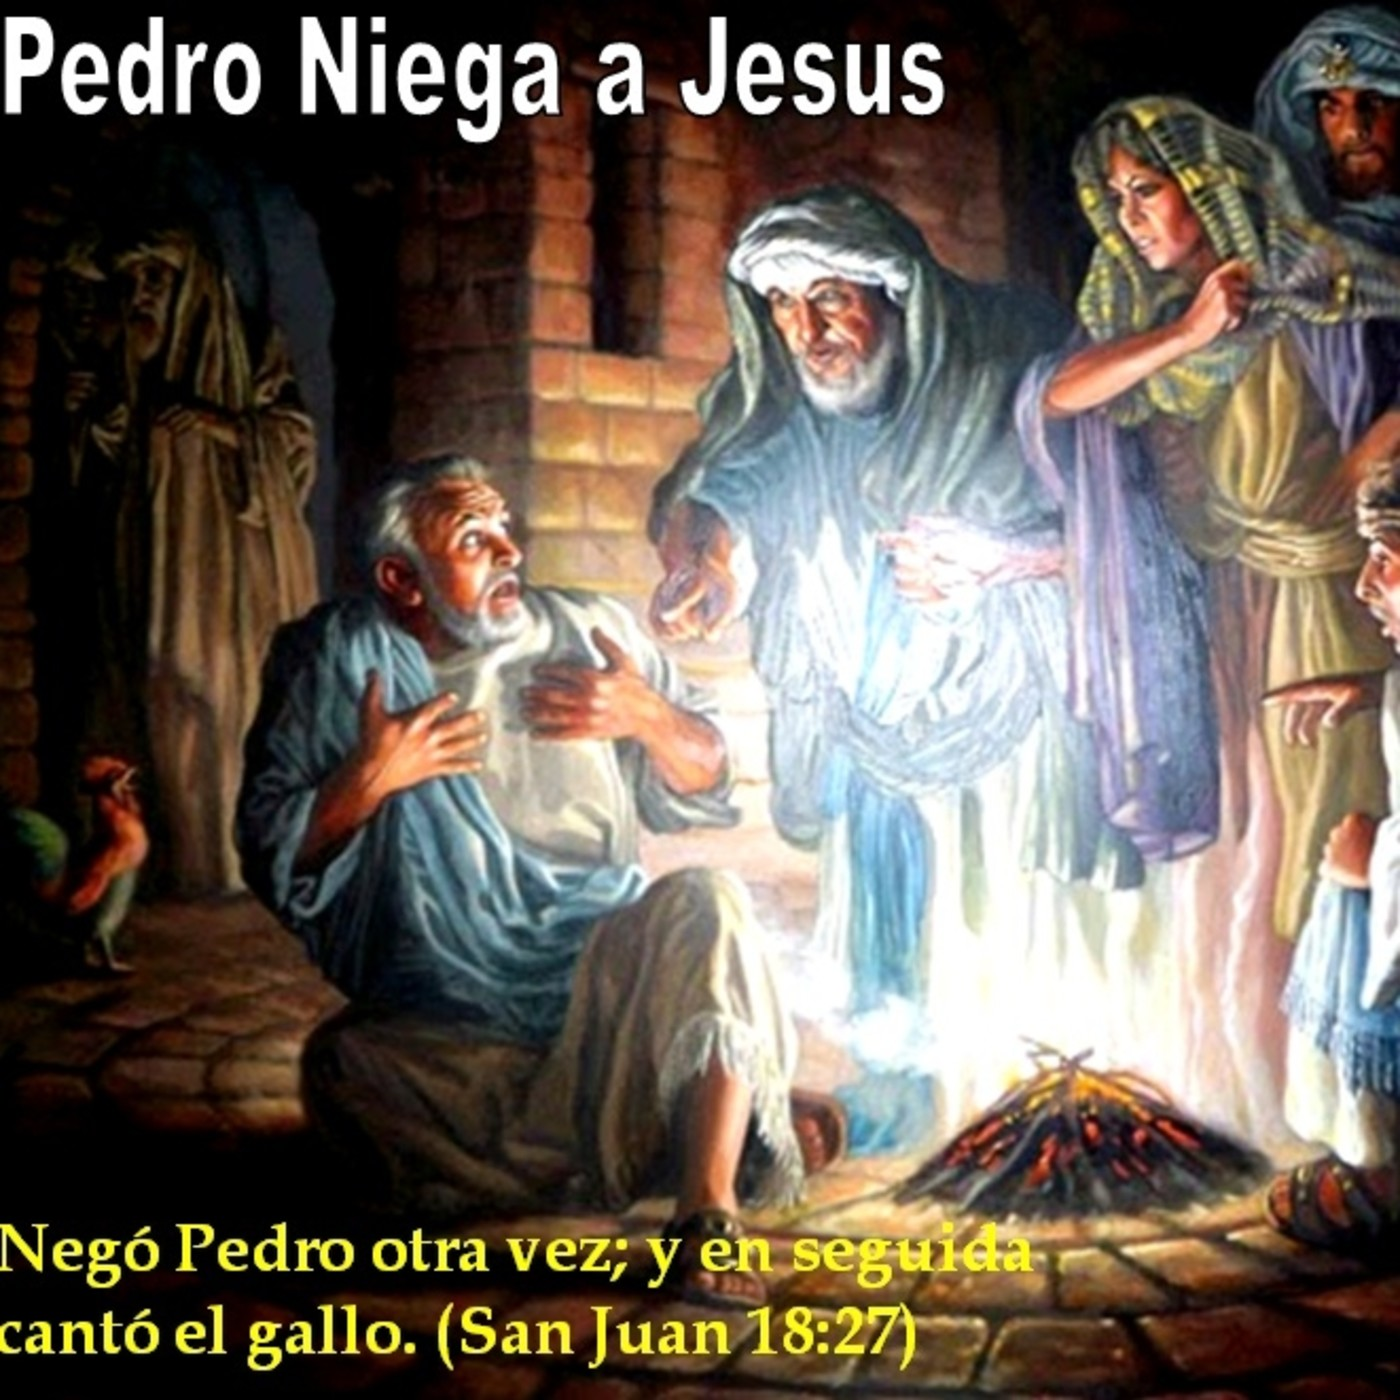 52-Pedro Niega a Jesus.mp3 en 04-Juan-Yohanam en mp3(25/06 a las 19:29:24)  30:08 26720113 - iVoox